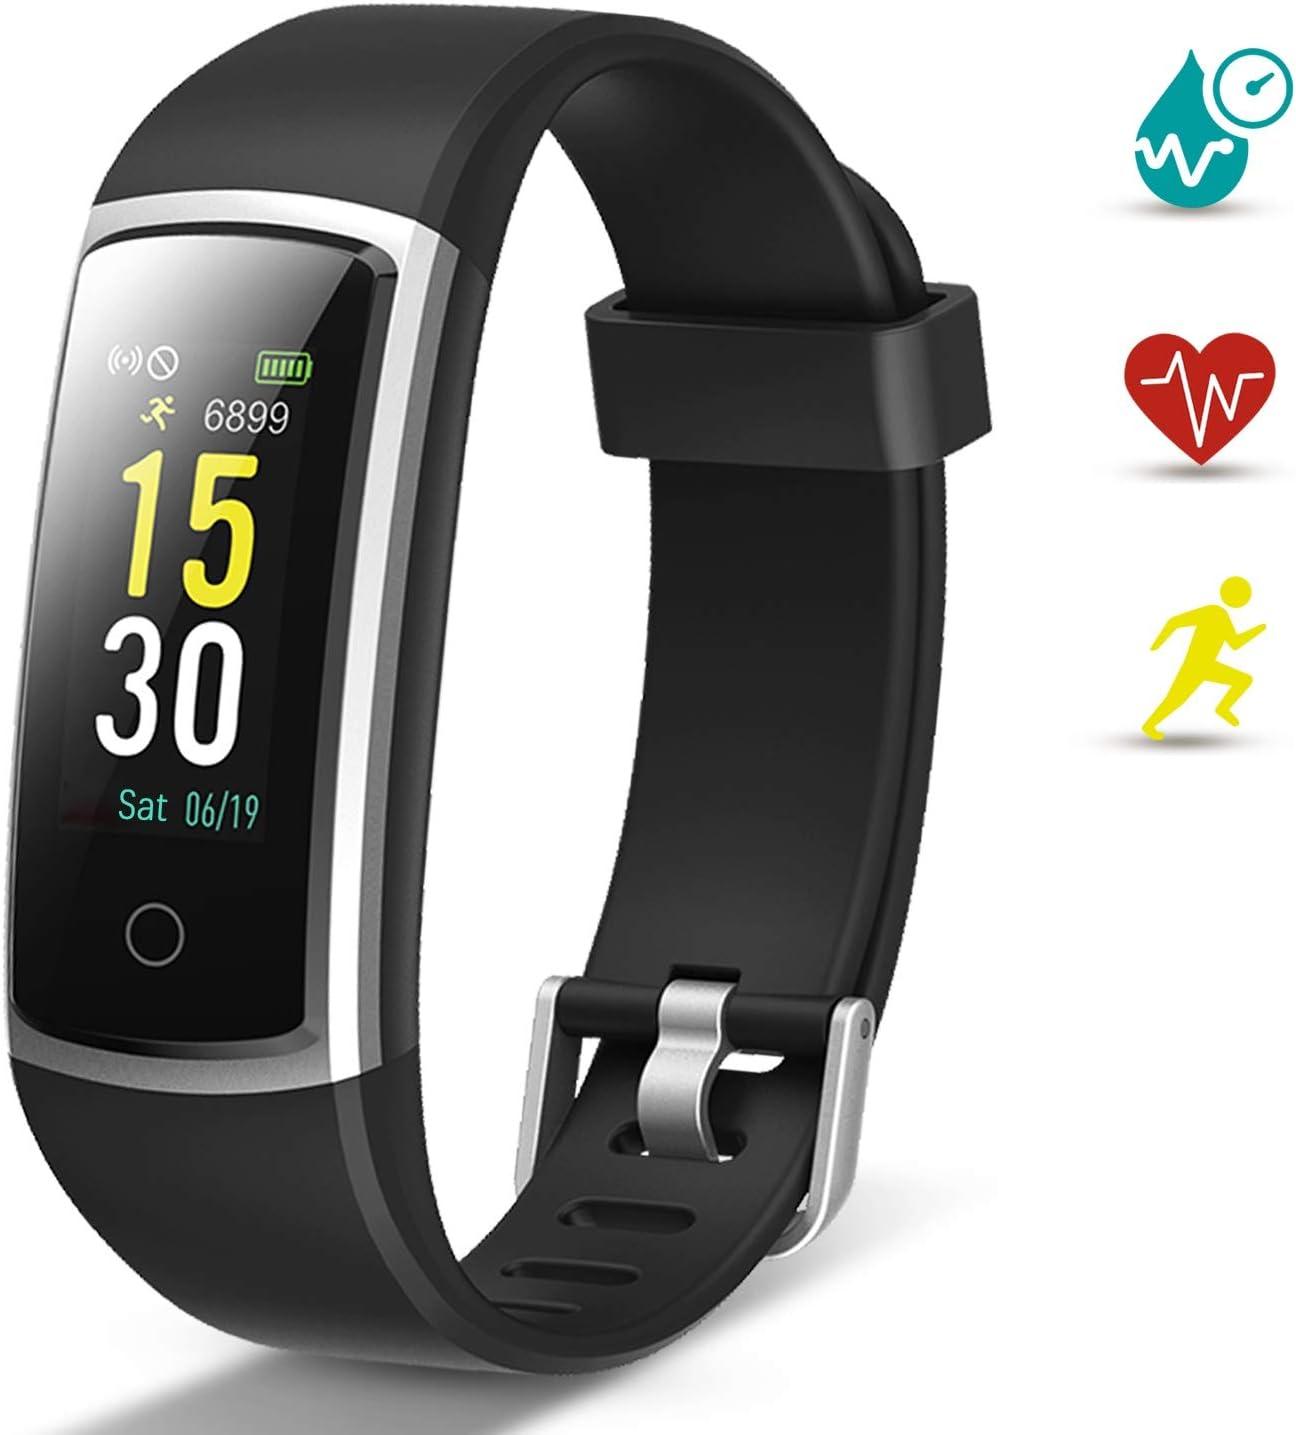 Lintelek Pulsera Actividad, Reloj Inteligente con Medidor de Ritmo Cardíaco Presión Arterial, Reloj Deportivo Compatible a Android y iOS para Hombre Mujer Niño: Amazon.es: Deportes y aire libre